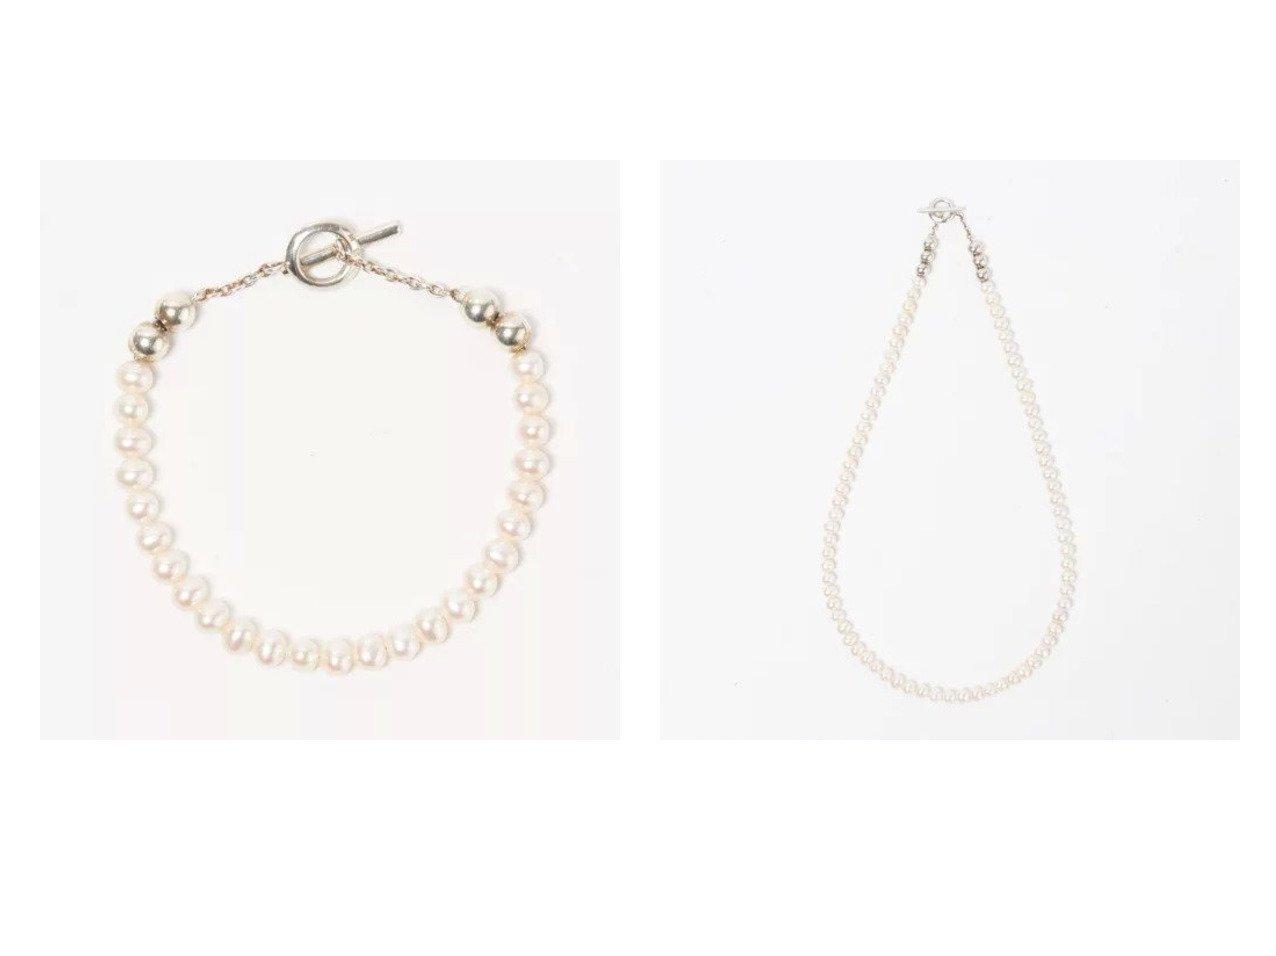 【SYMPATHY OF SOUL Style/シンパシー オブ ソウル】のPearl Beads T-bar Bracelet&Pearl Beads T-bar Necklace 【リー/LEE】ファッション雑誌掲載!おすすめ人気トレンド・レディースファッション通販 おすすめファッション通販アイテム インテリア・キッズ・メンズ・レディースファッション・服の通販 founy(ファニー)  雑誌掲載アイテム Magazine Items ファッション雑誌 Fashion Magazines リー LEE ファッション Fashion レディースファッション WOMEN ジュエリー Jewelry ネックレス Necklaces ブレスレット Bracelets バングル Bangles 5月号 アクセサリー シンプル ネックレス バランス パール フロント 雑誌 ゴールド系 Gold  ID:crp329100000037048